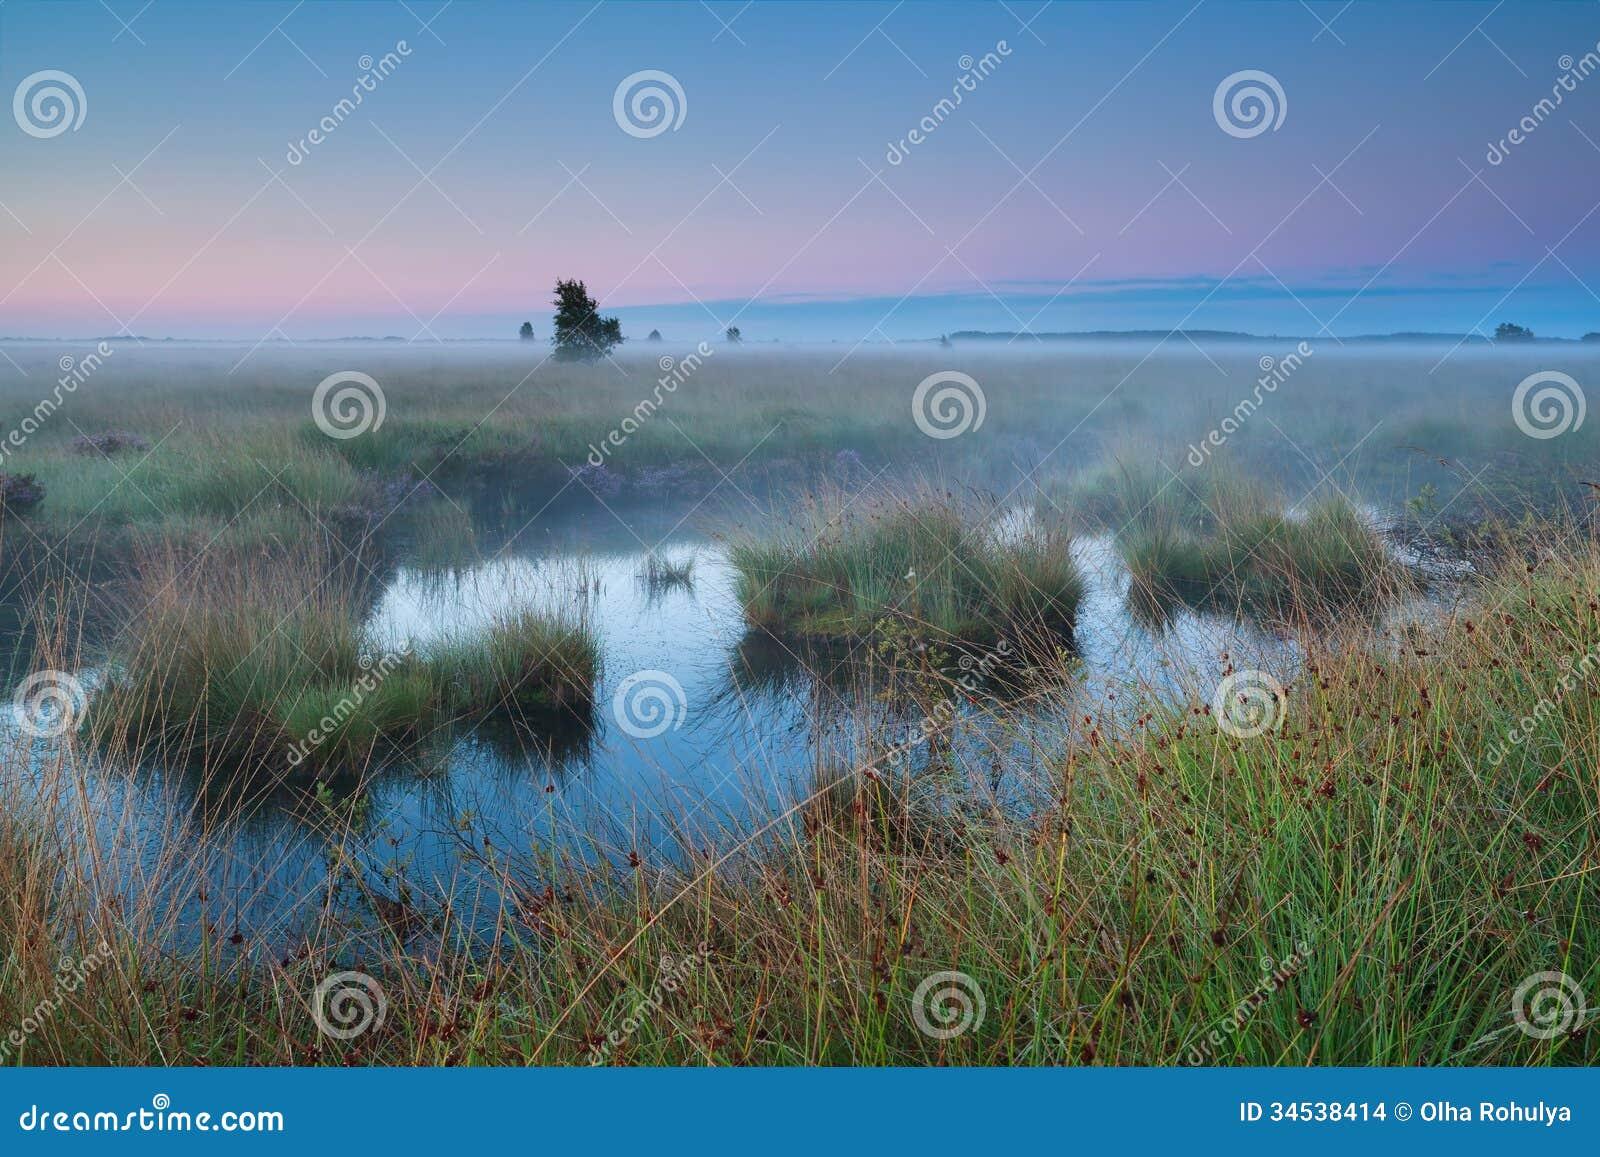 Bog during summer sunrise